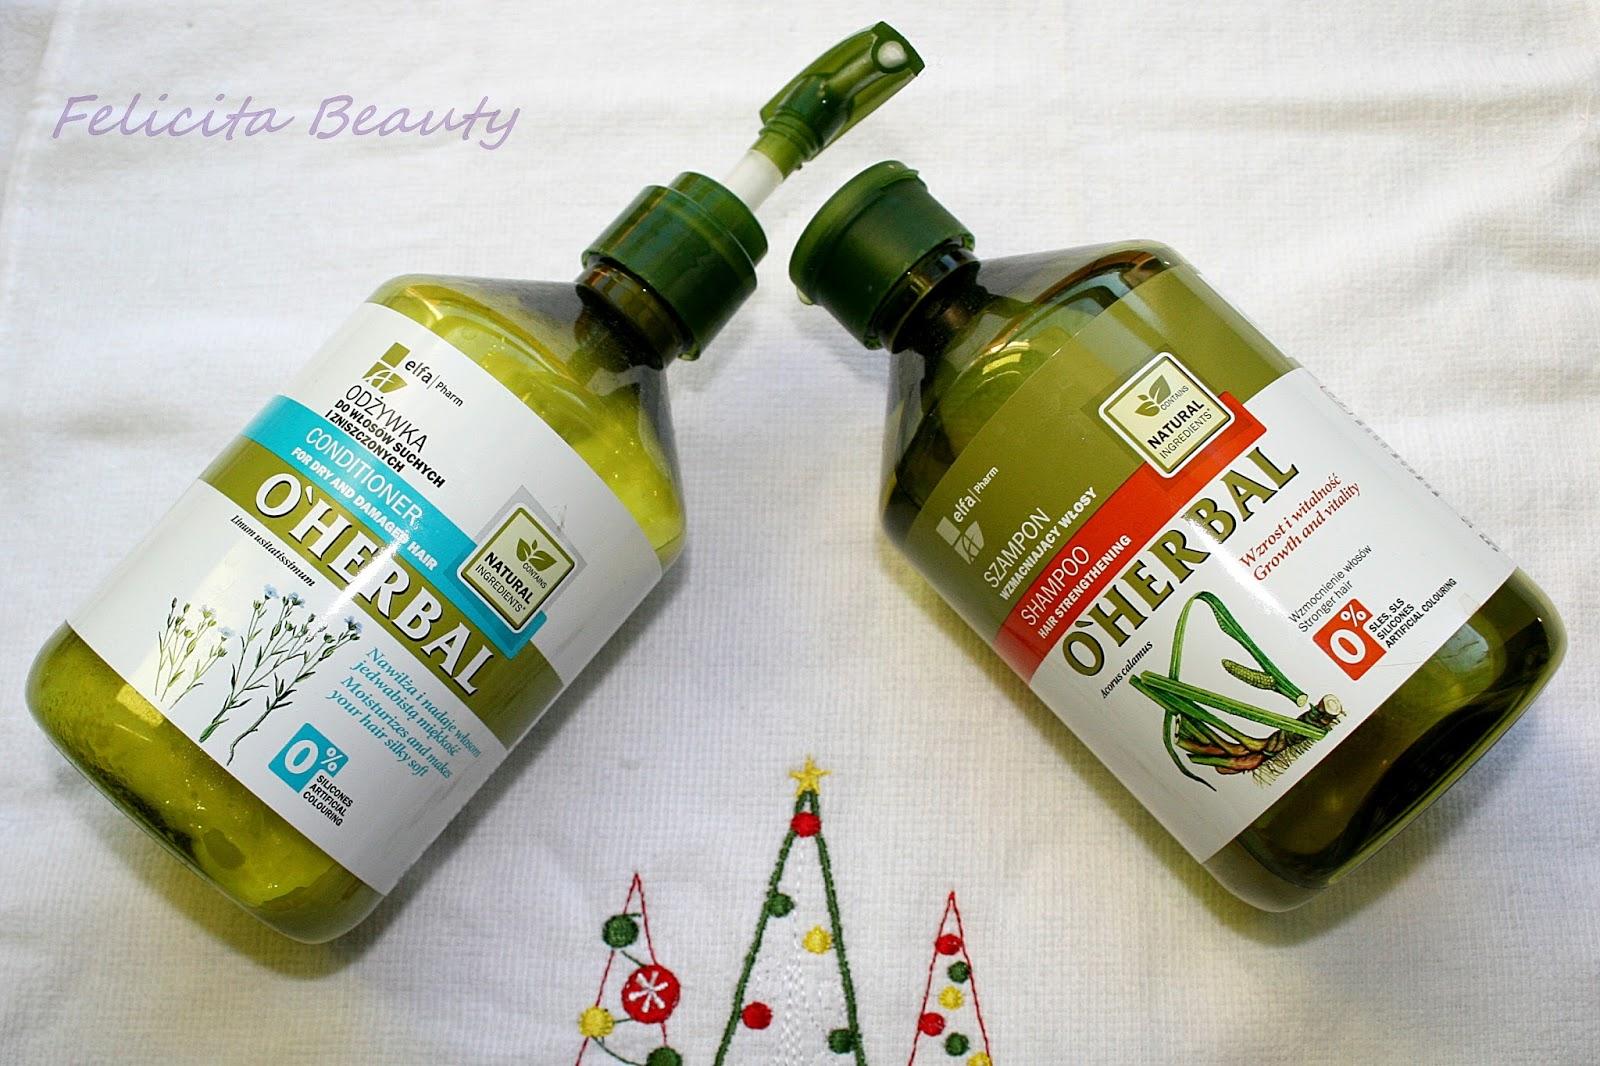 Szampon i odżywka do włosów O'herbal czy rzeczywiście takie dobre?